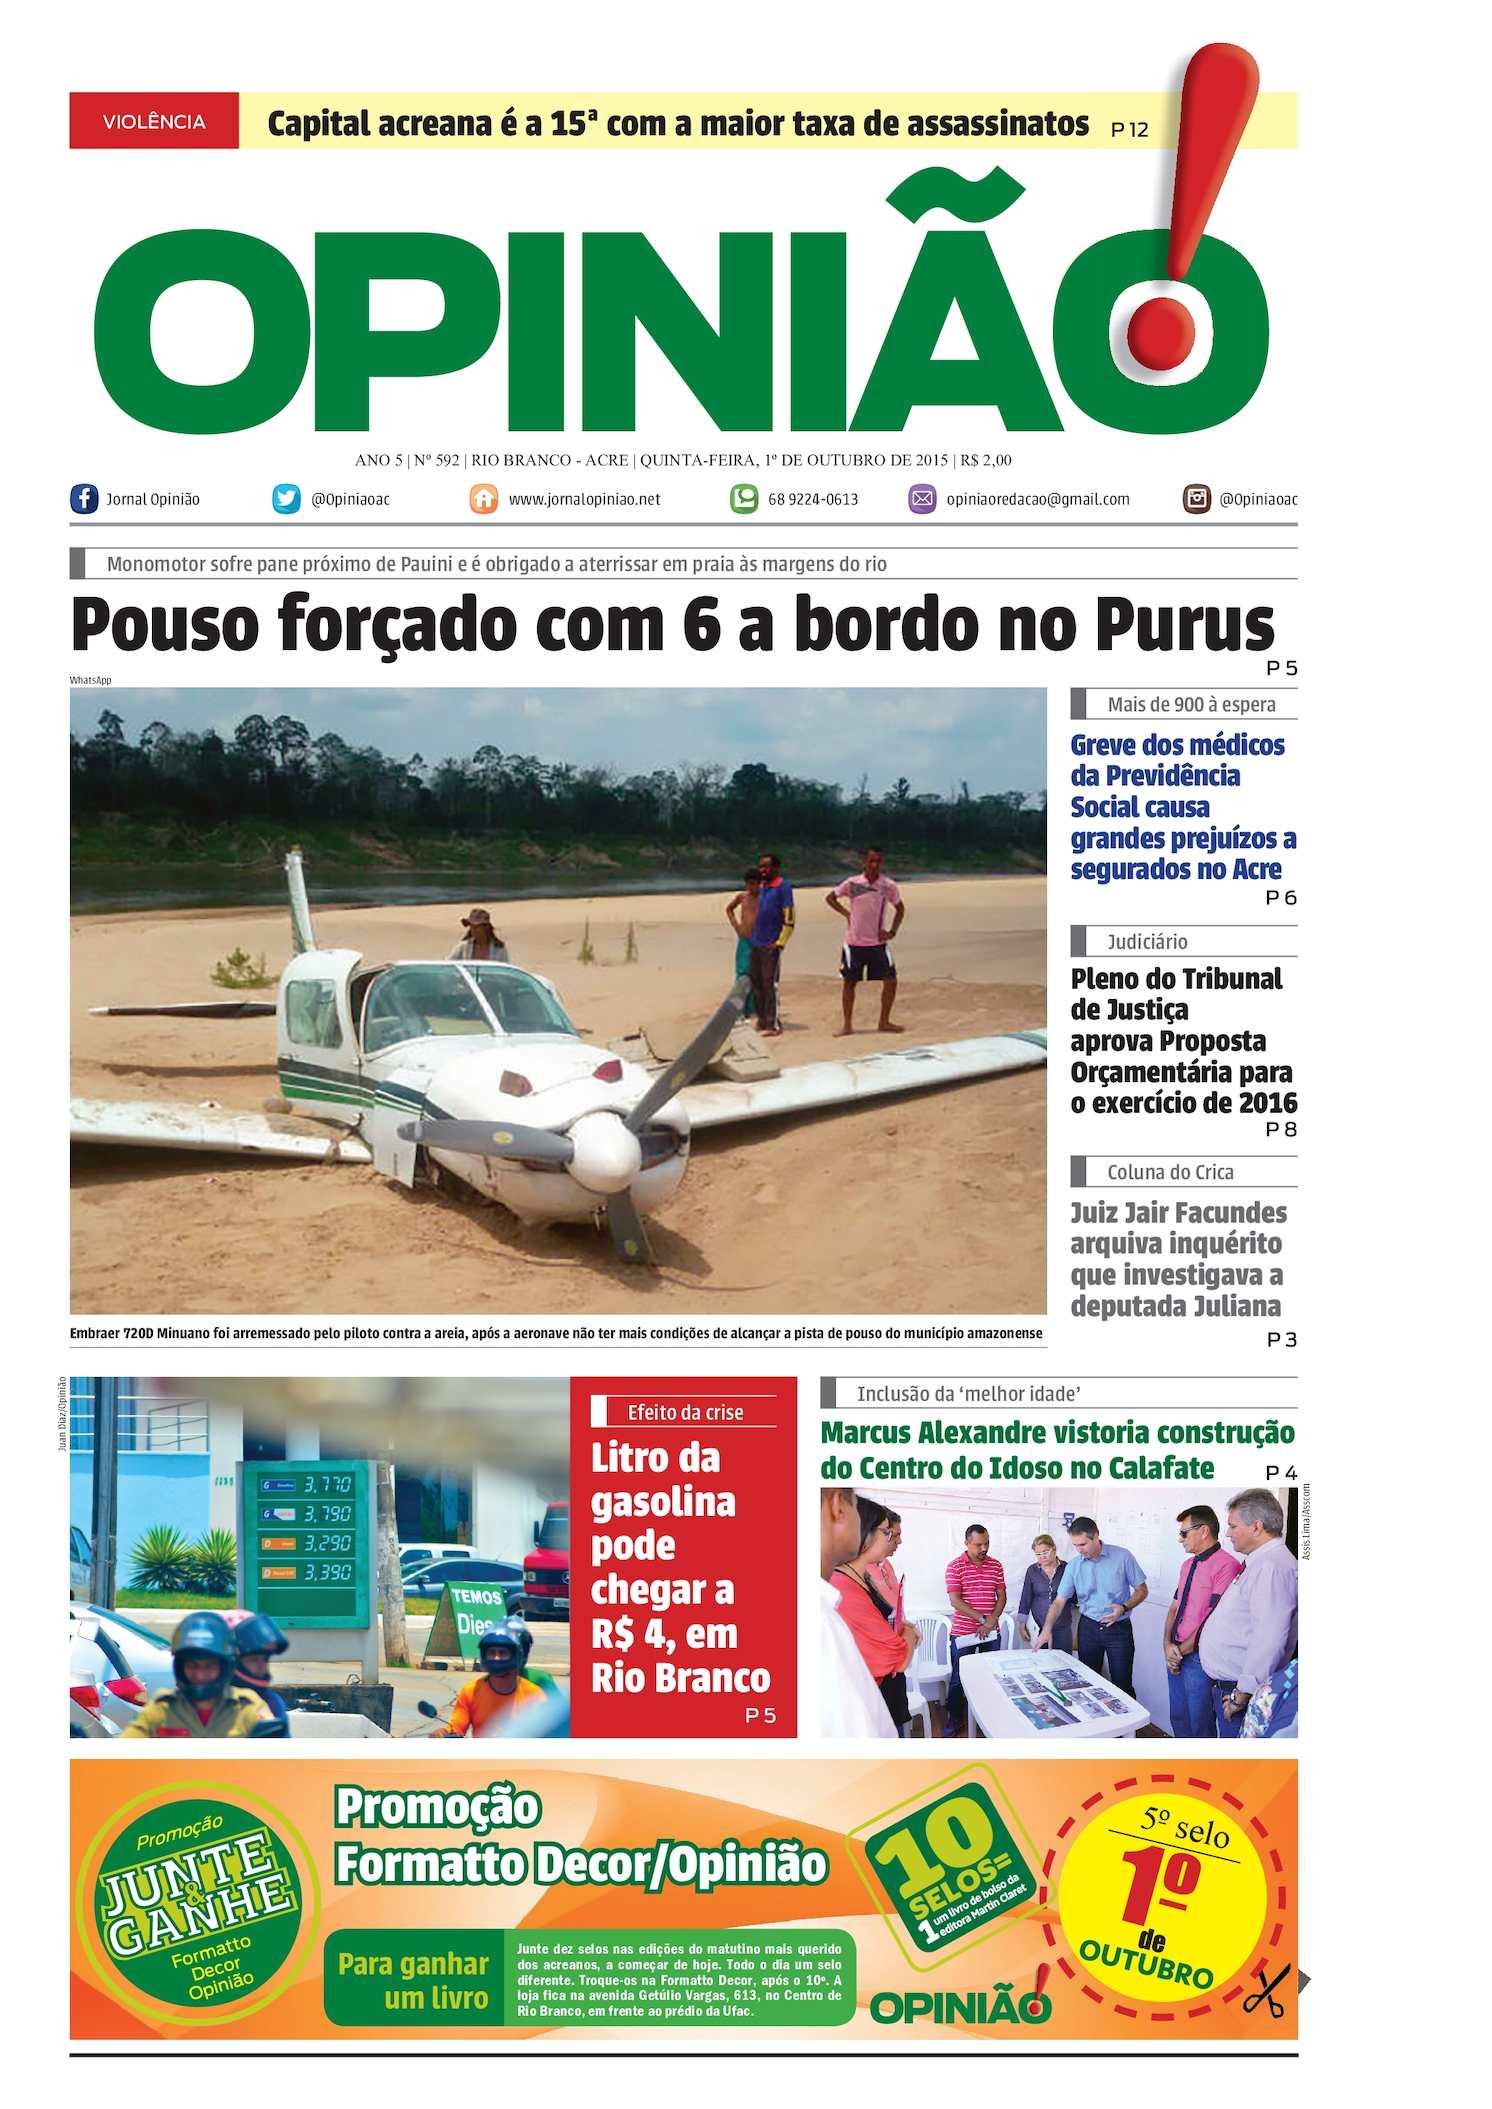 e3147849e15 Calaméo - Jornal Opinião - Edição 592